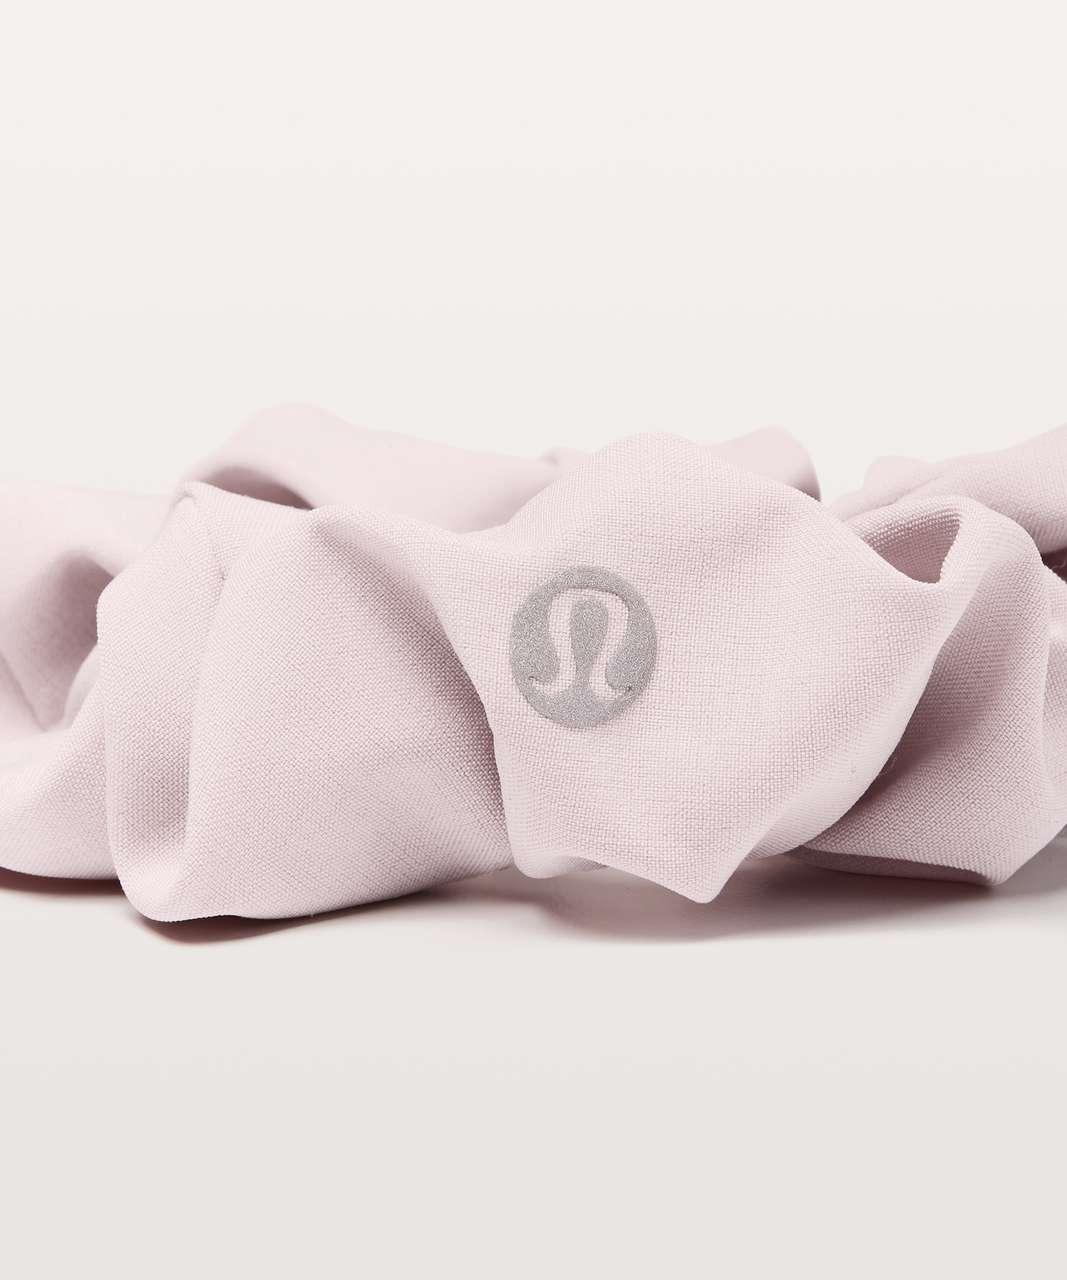 Lululemon Uplifting Scrunchie - Porcelain Pink